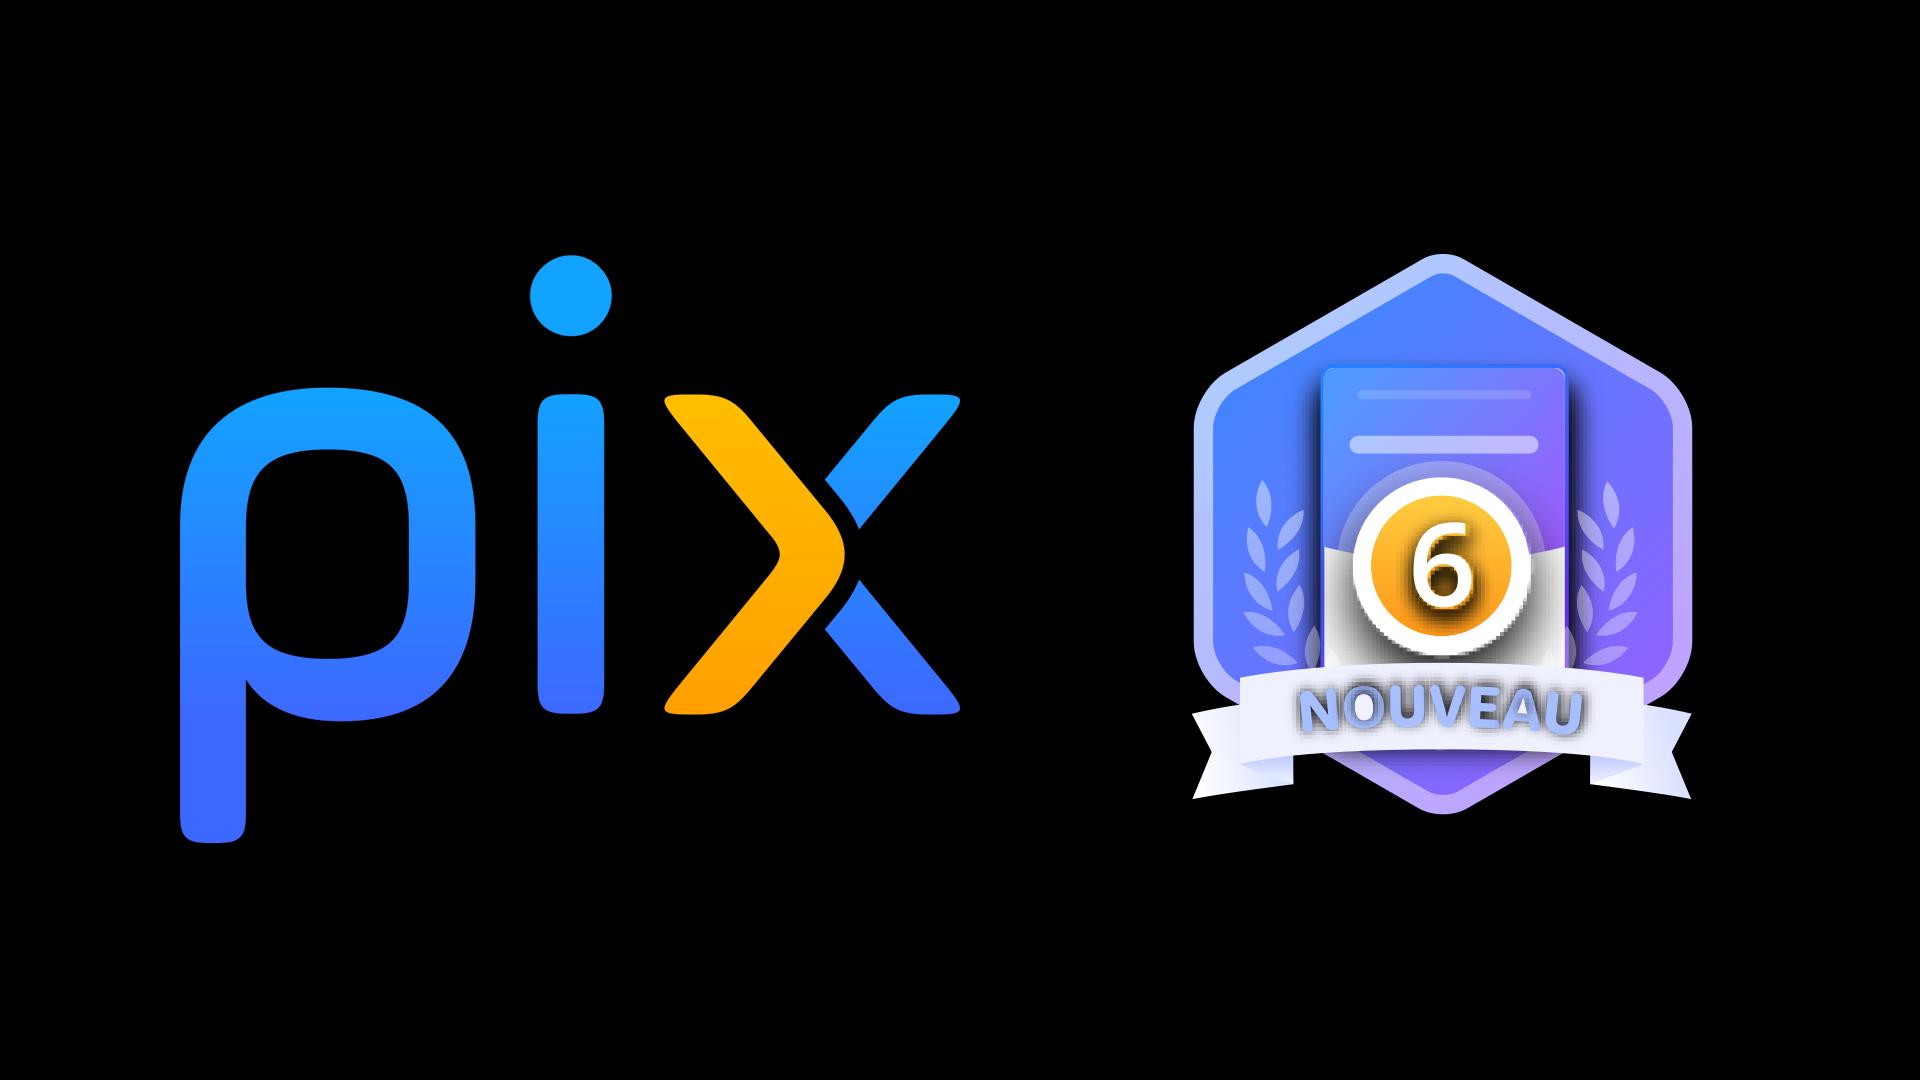 Pix : le niveau 6 est maintenant disponible